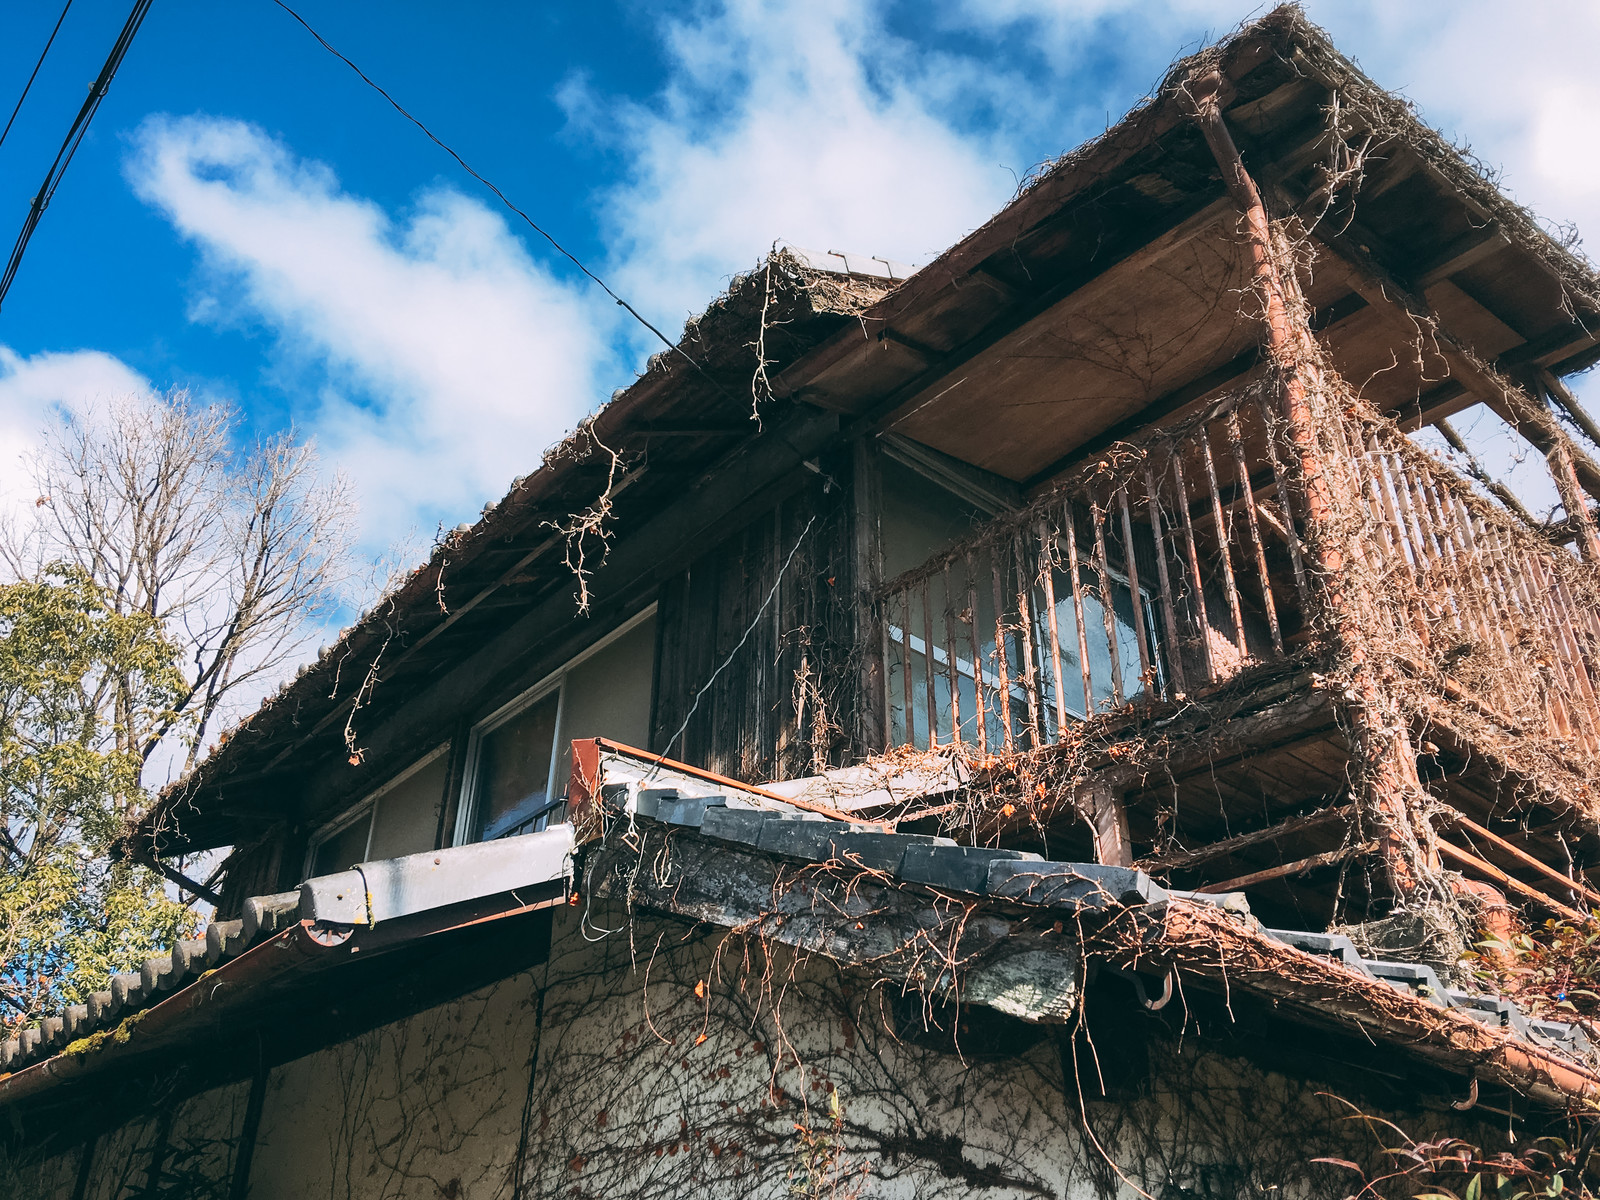 「人に忘れられて朽ちていく廃屋」の写真